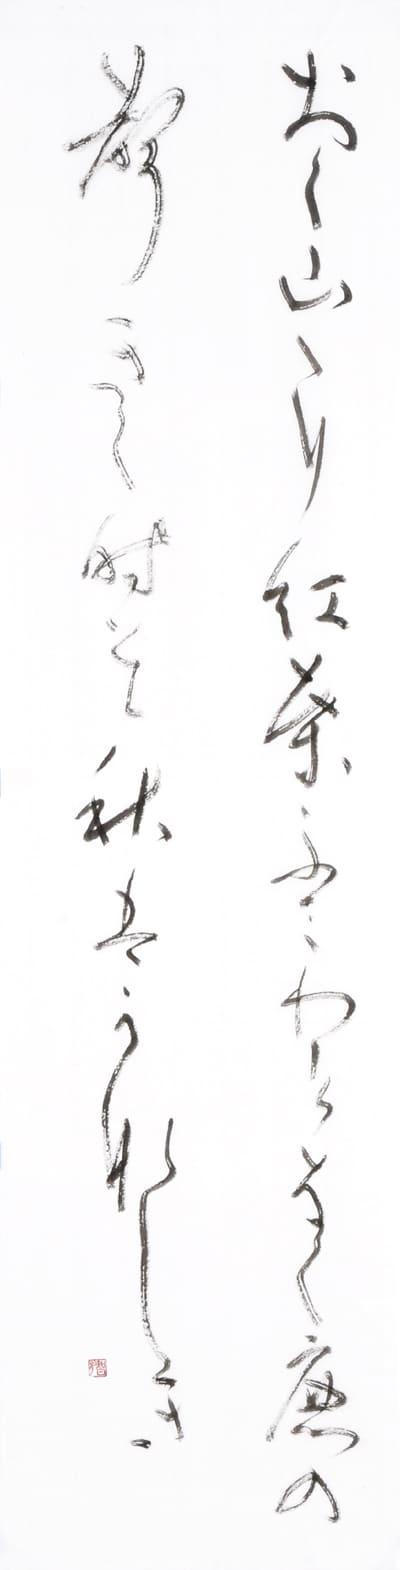 川口智子2019全書芸展作品画像